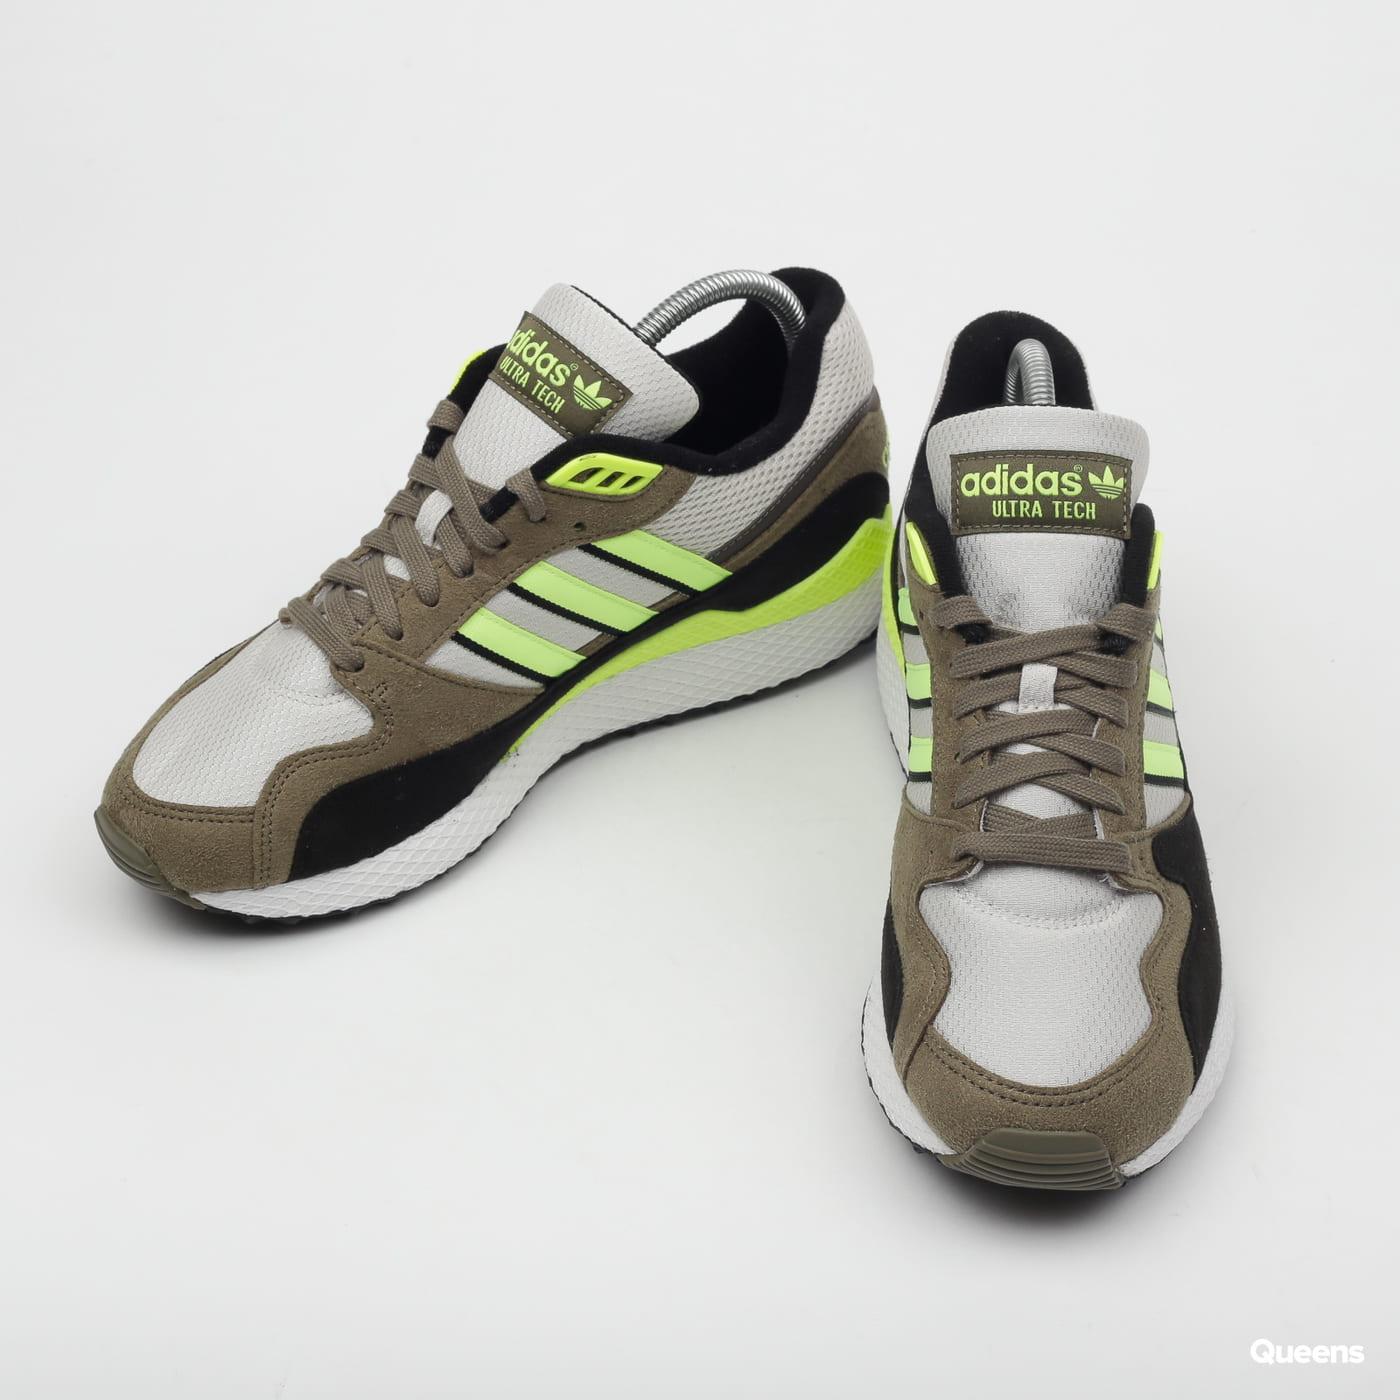 adidas Originals Ultra Tech rawwht hireye rawkha